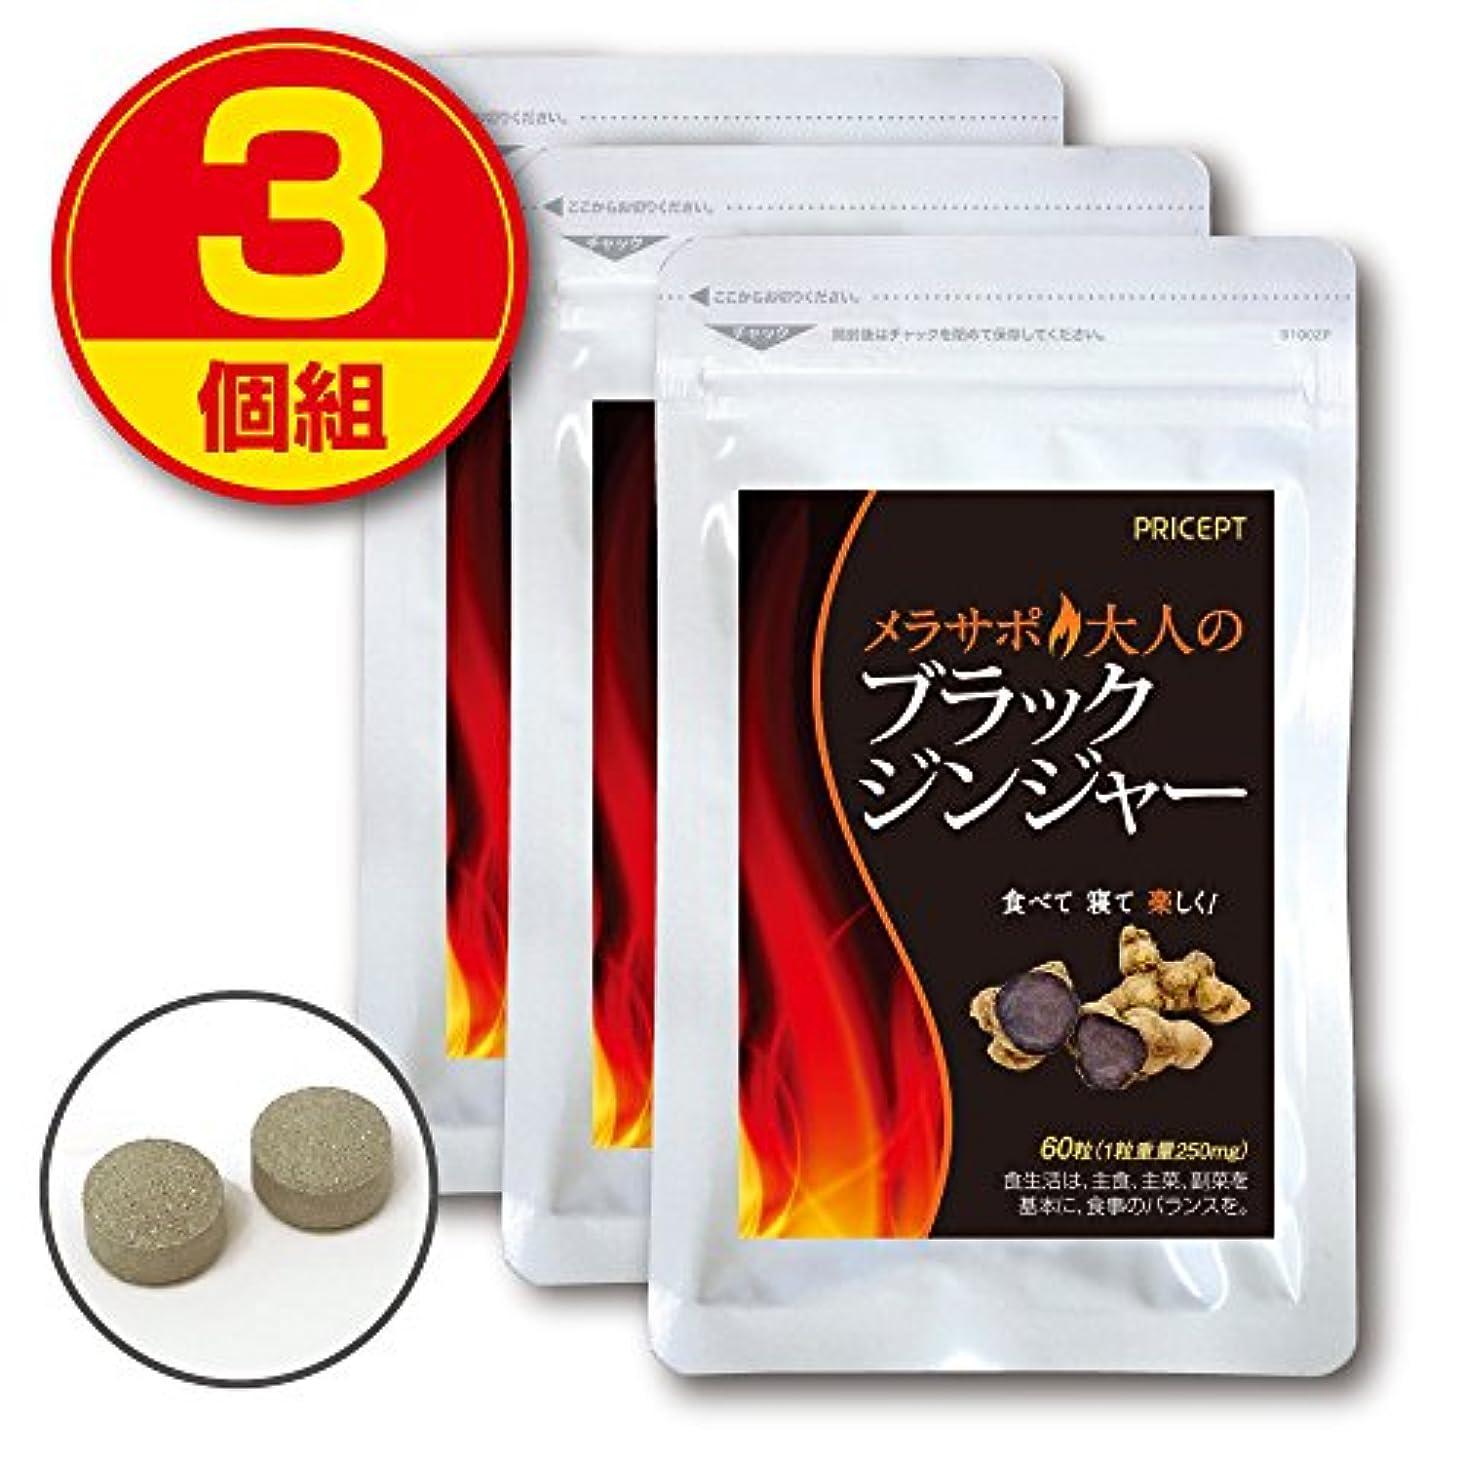 麺吐き出すひねくれたプリセプト メラサポ大人のブラックジンジャー 60粒【3個組】(ダイエットサプリメント?粒タイプ)